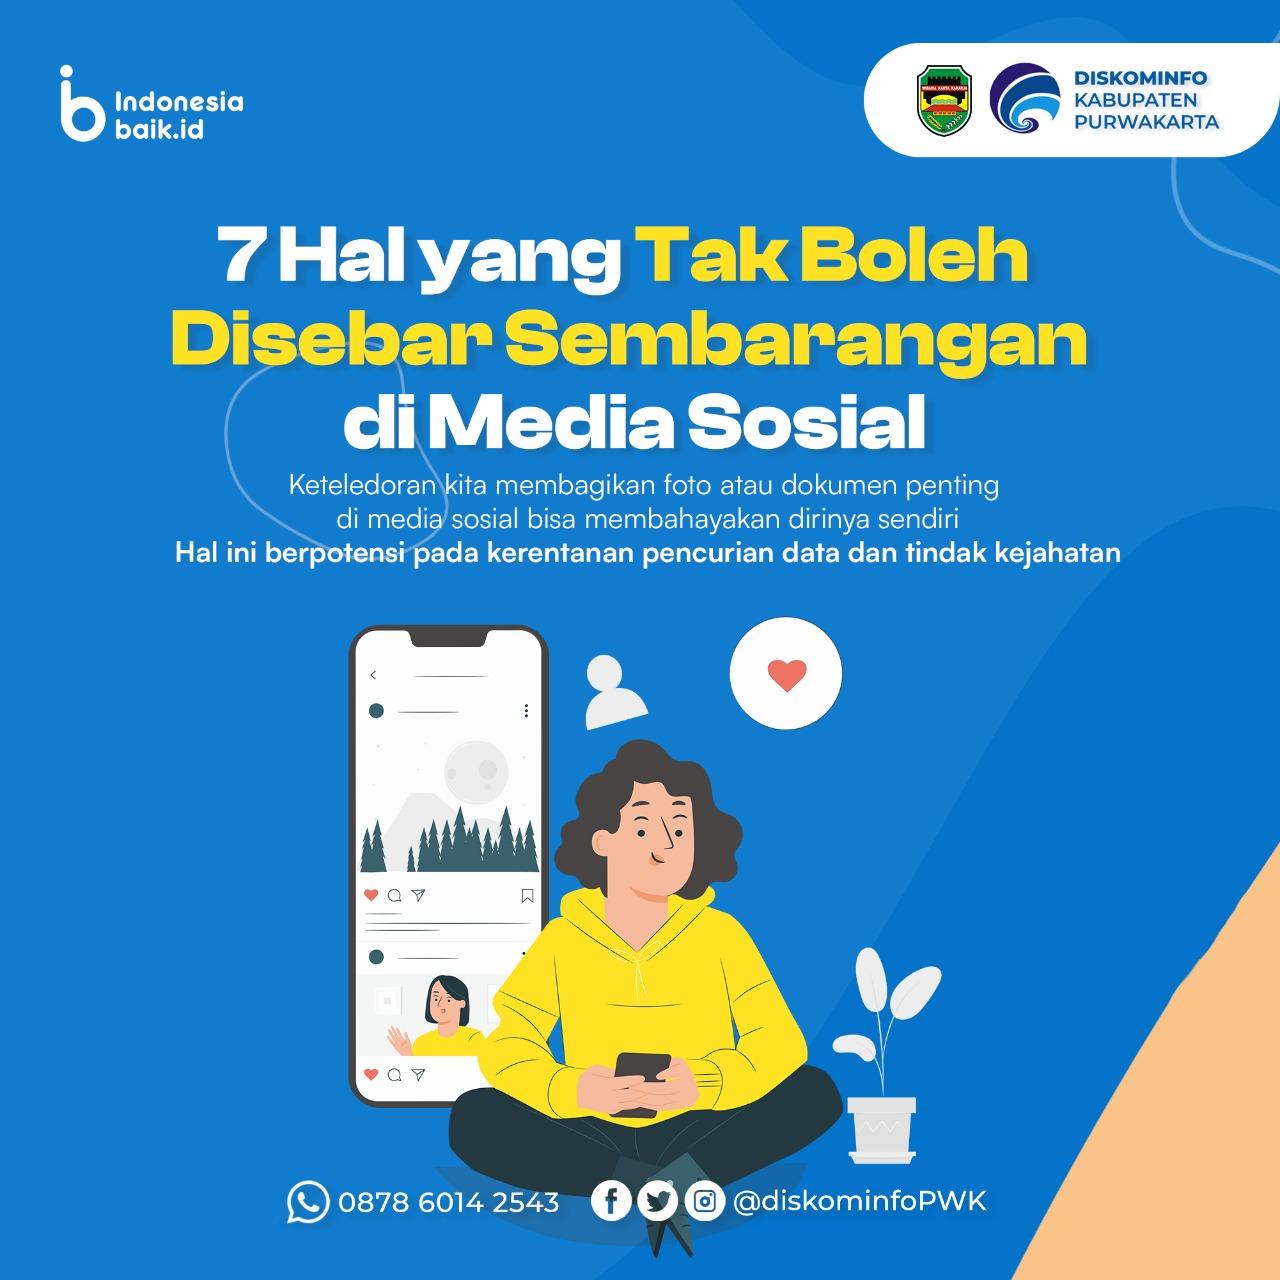 7 Hal yang Tak Boleh DIsebar Sembarangan di Media Sosial